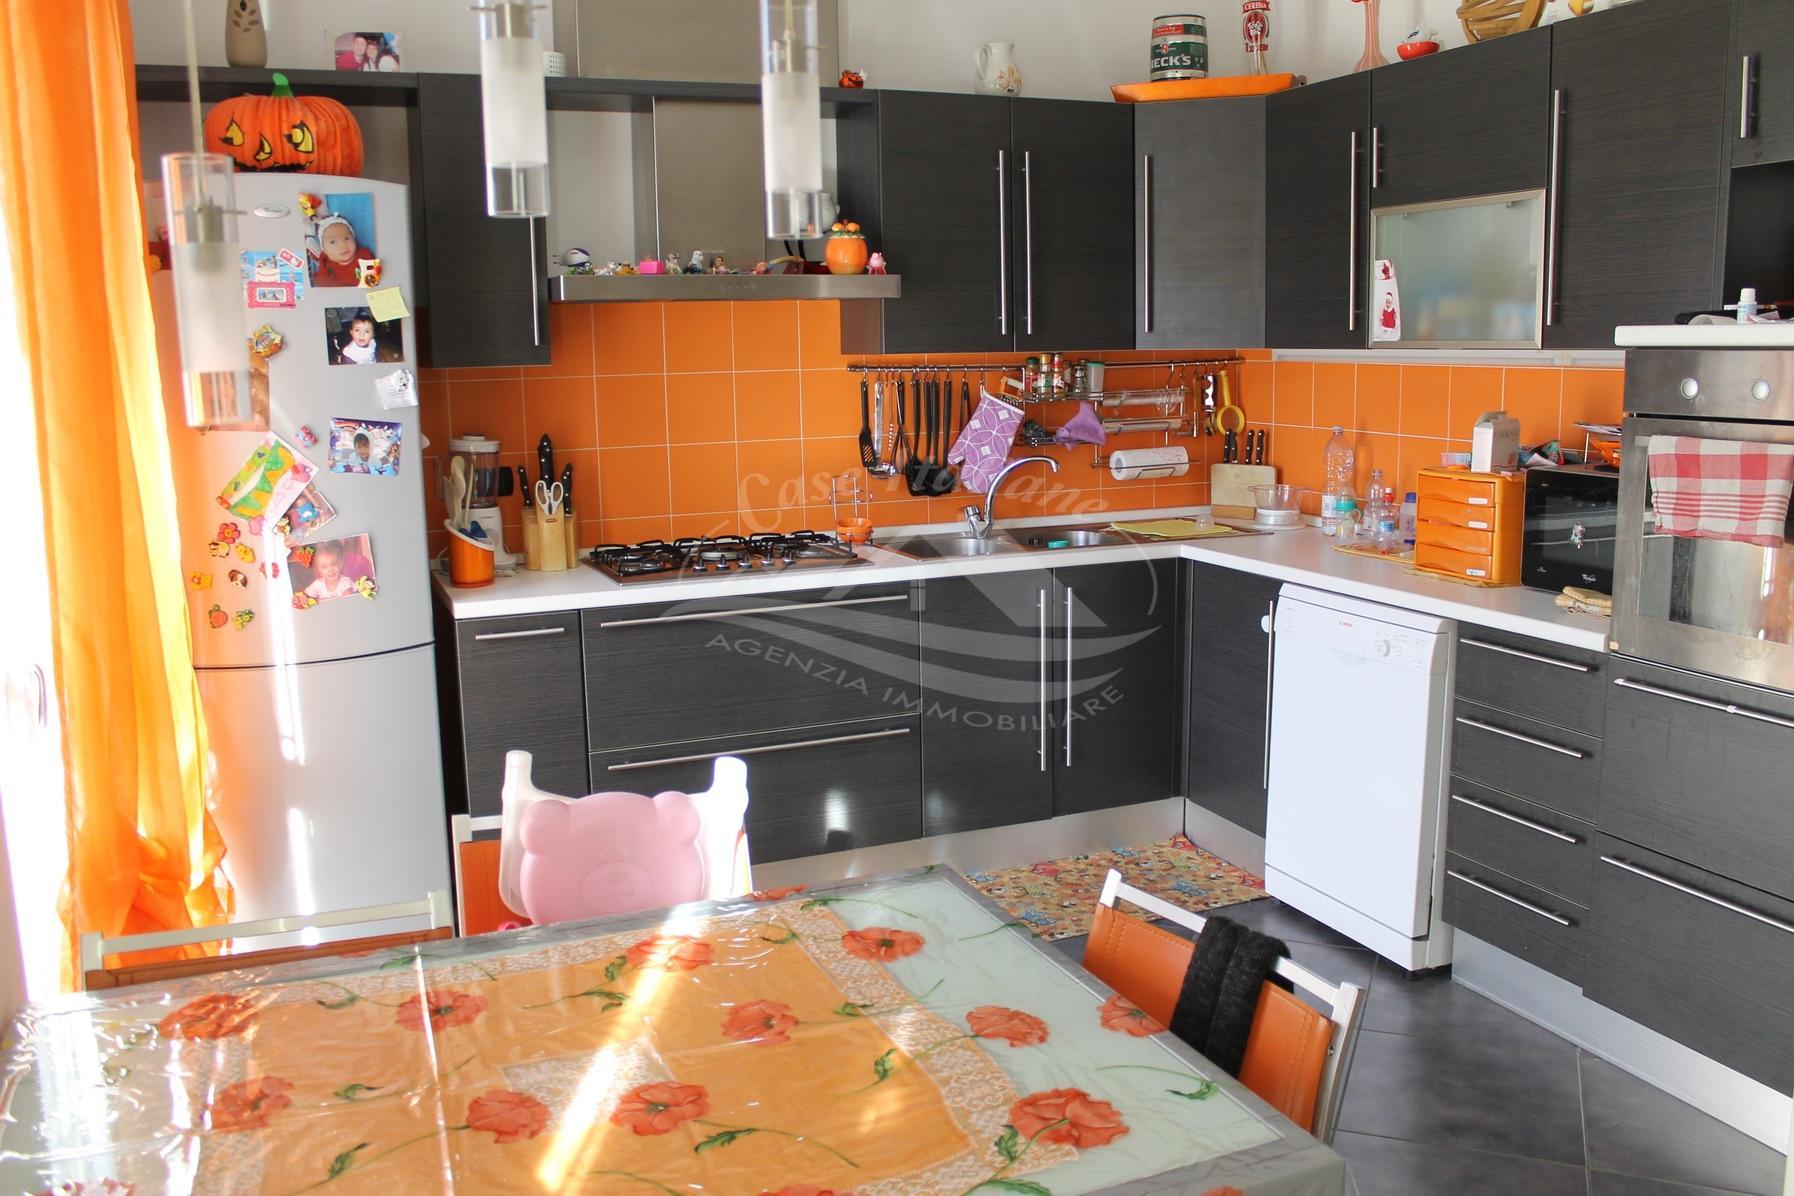 Foto immobili 155 case italiane agenzia immobiliare cant for Case italiane immobiliare